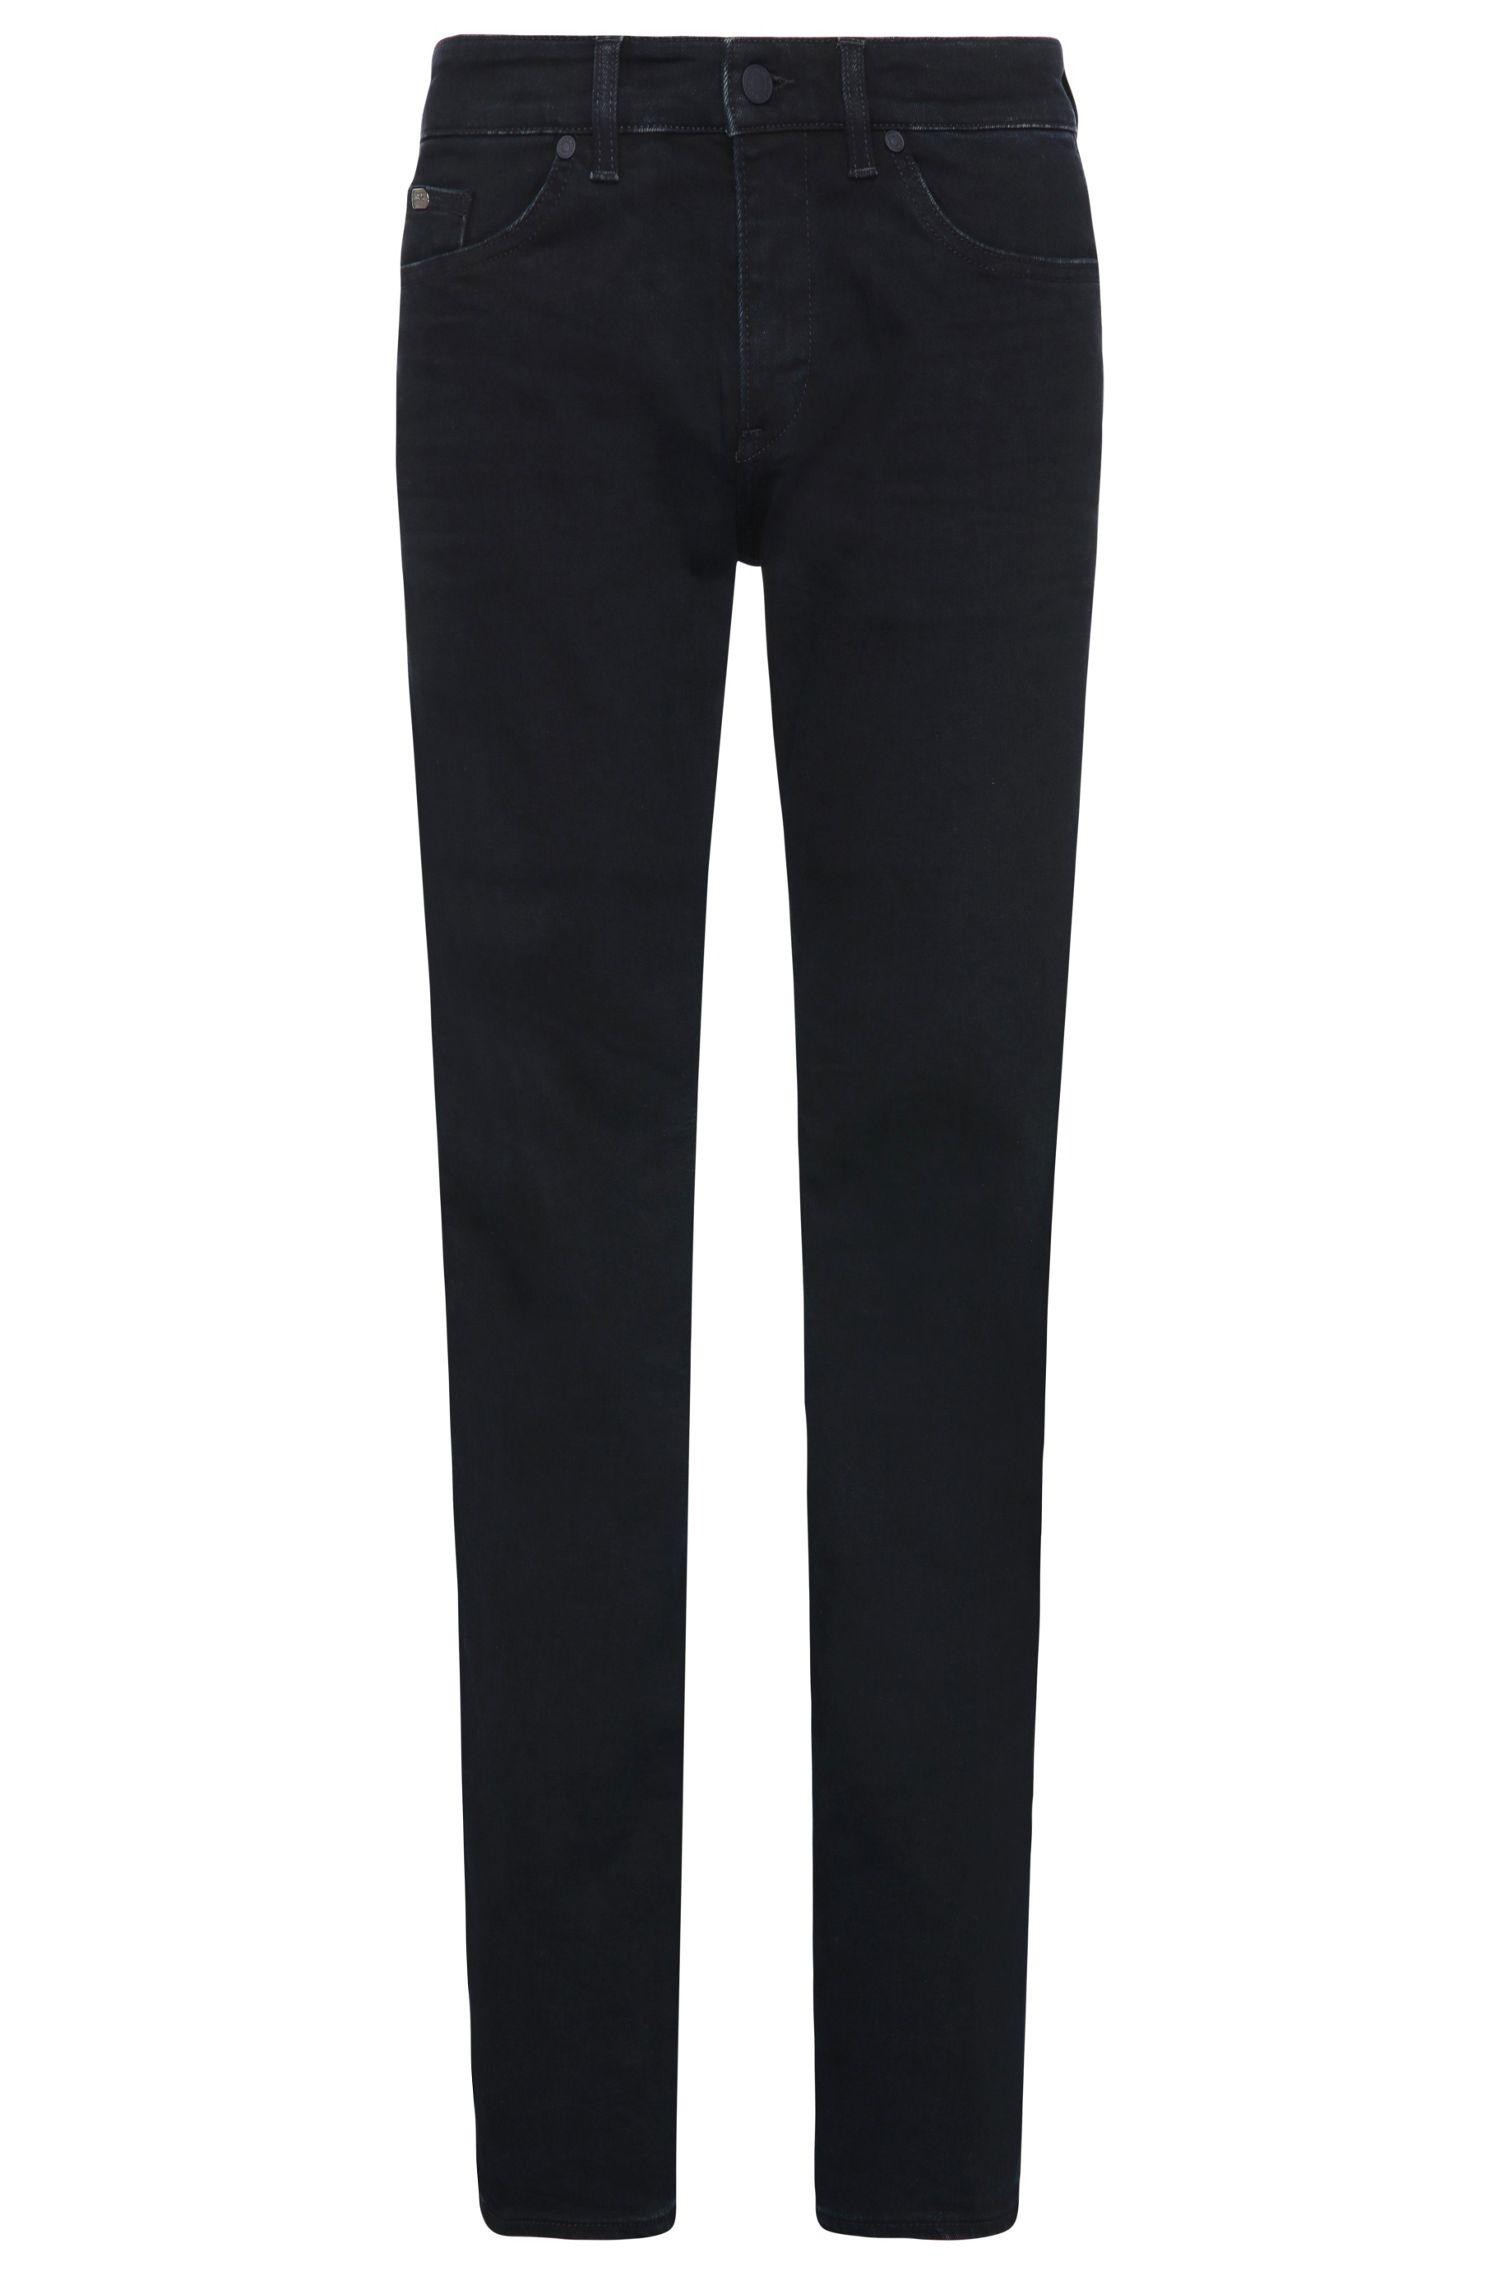 'C Delaware' | Slim Fit, 10 oz Stretch Cotton Jeans